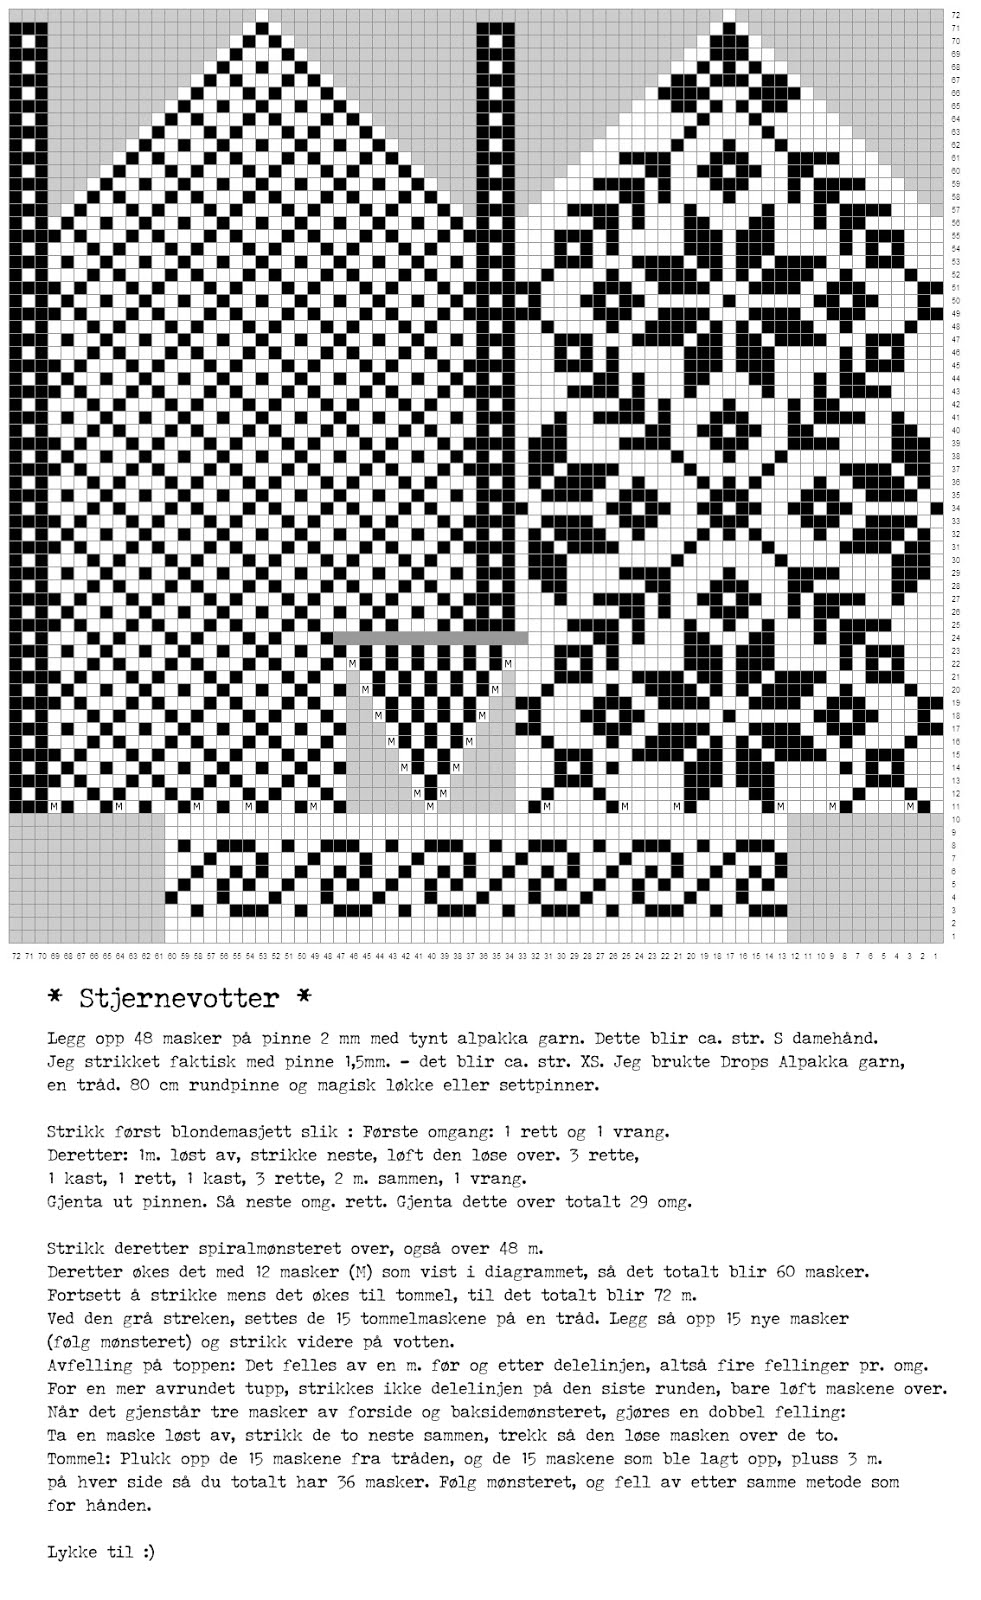 1000+ images about Strikke votter og vanter on Pinterest Norwegian knitting...